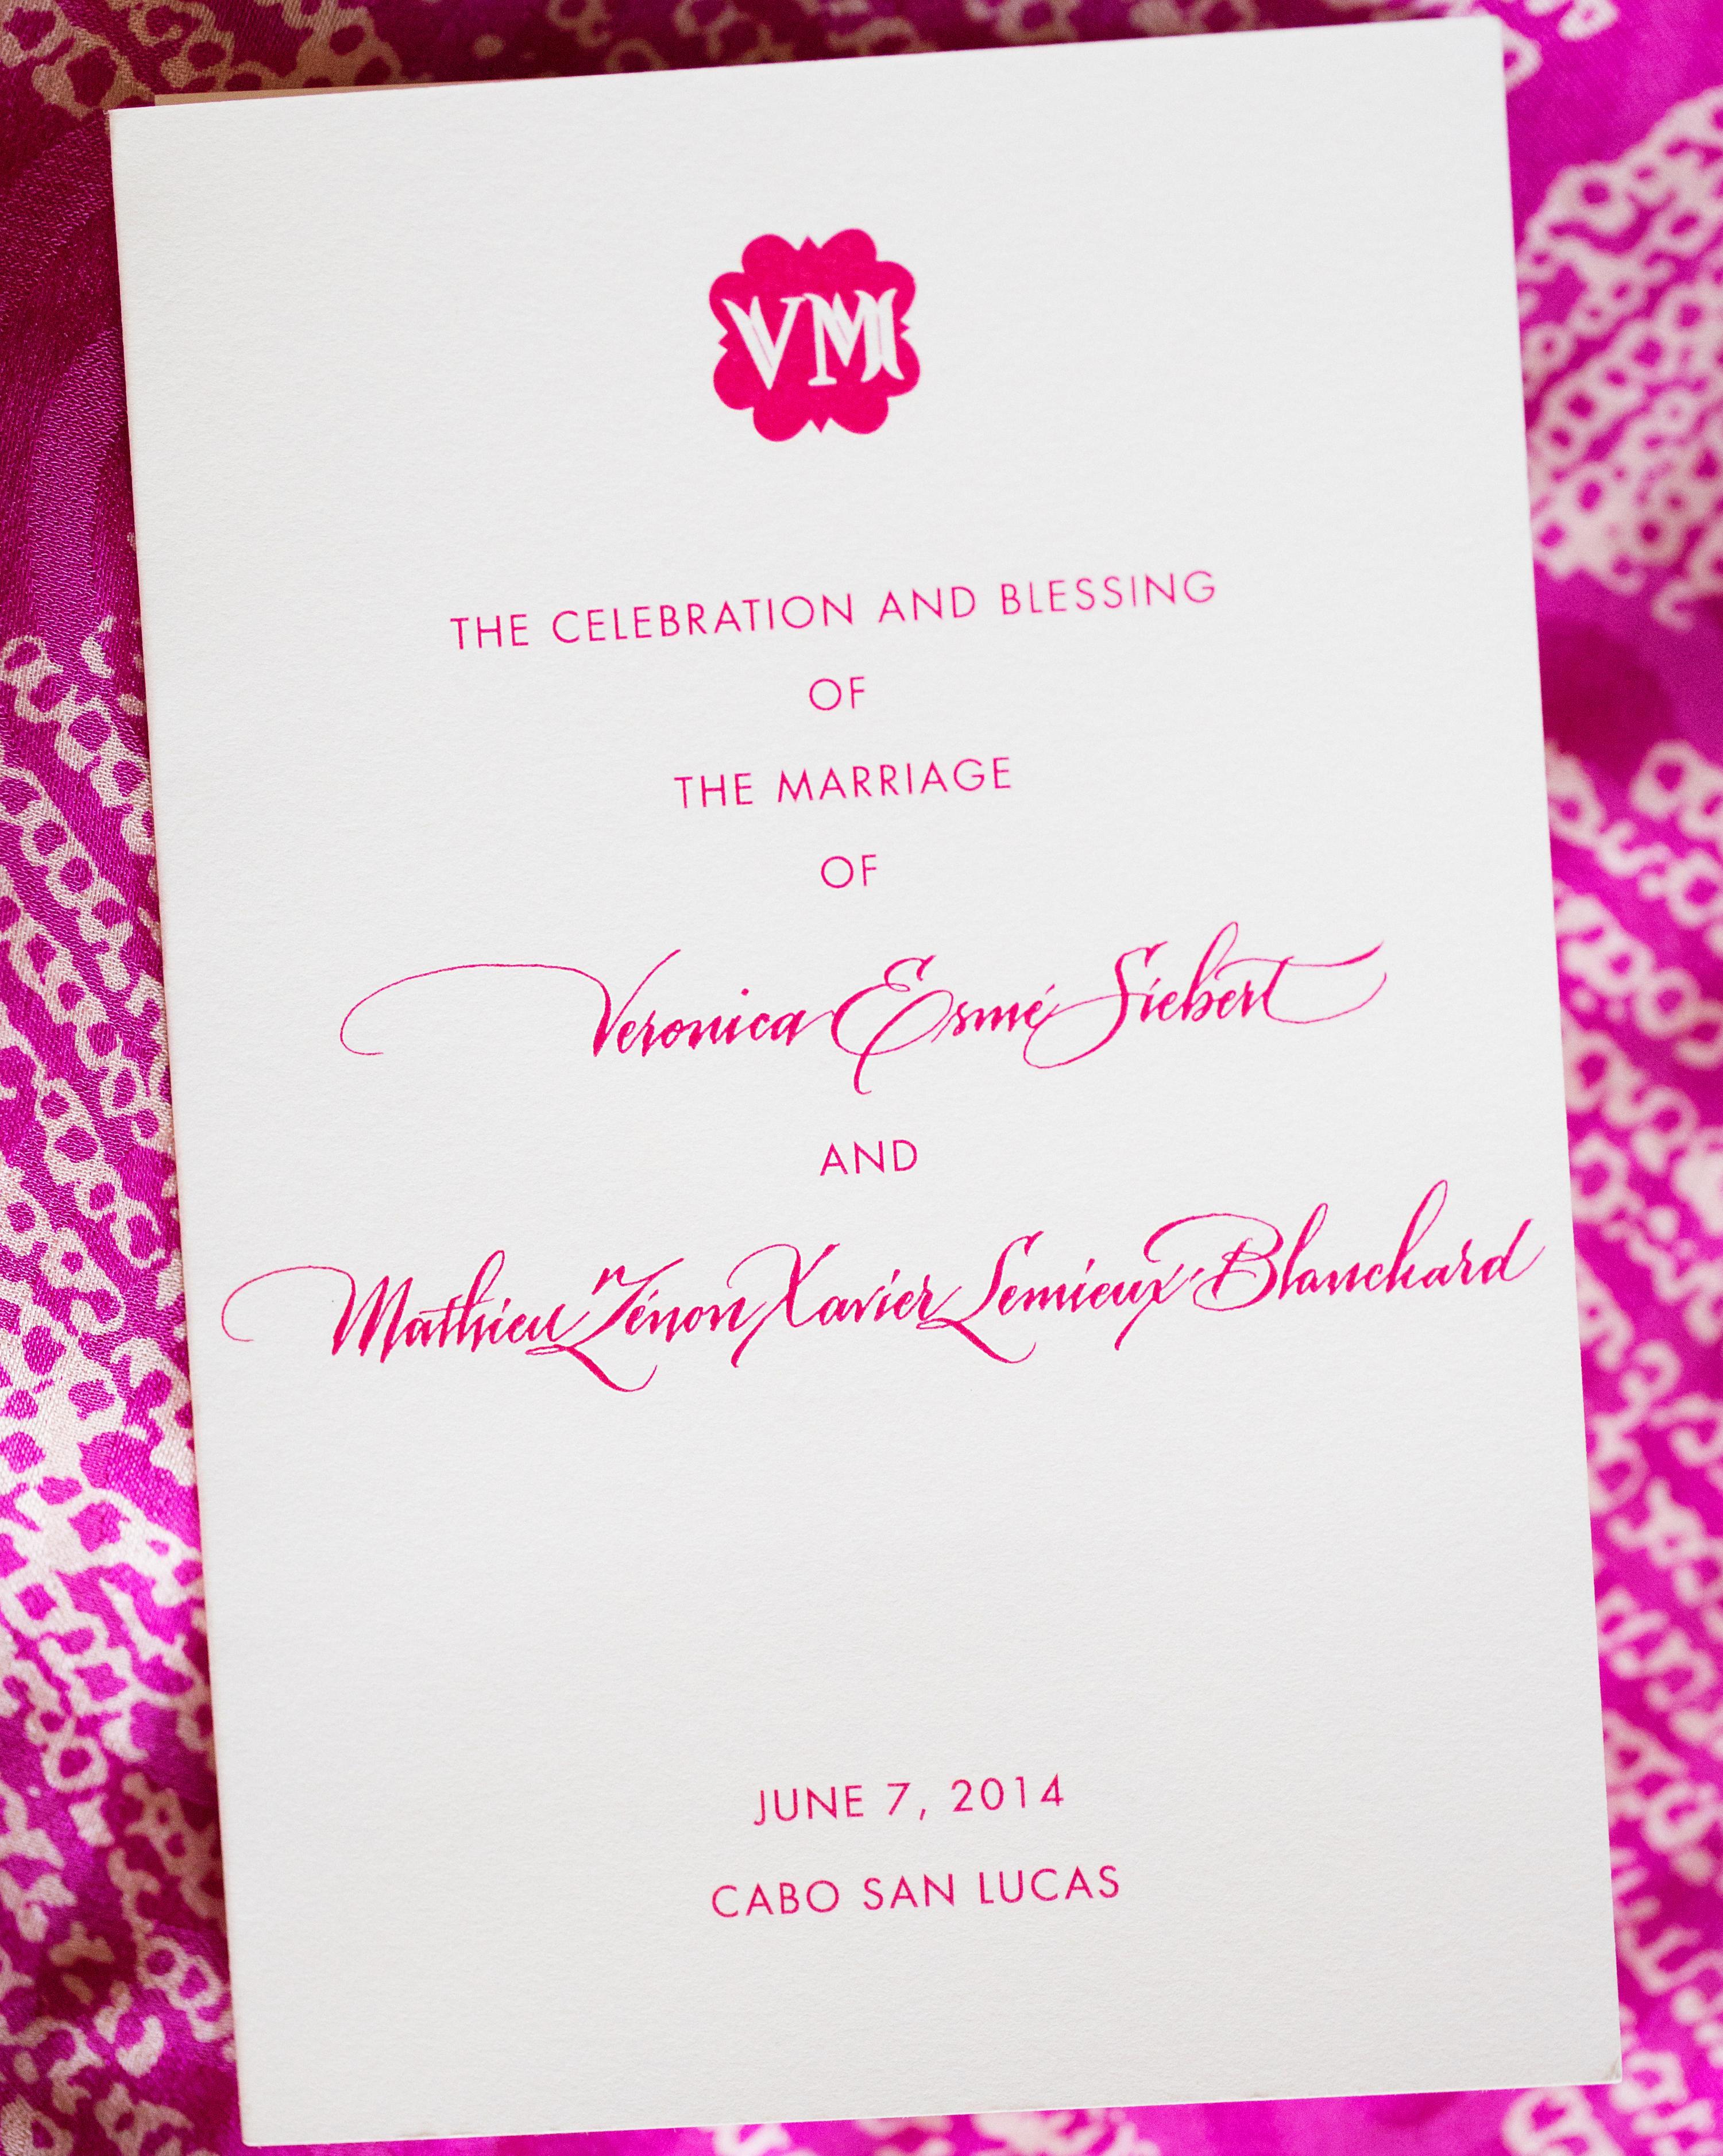 veronica-mathieu-wedding-program-0622-s111501-1014.jpg